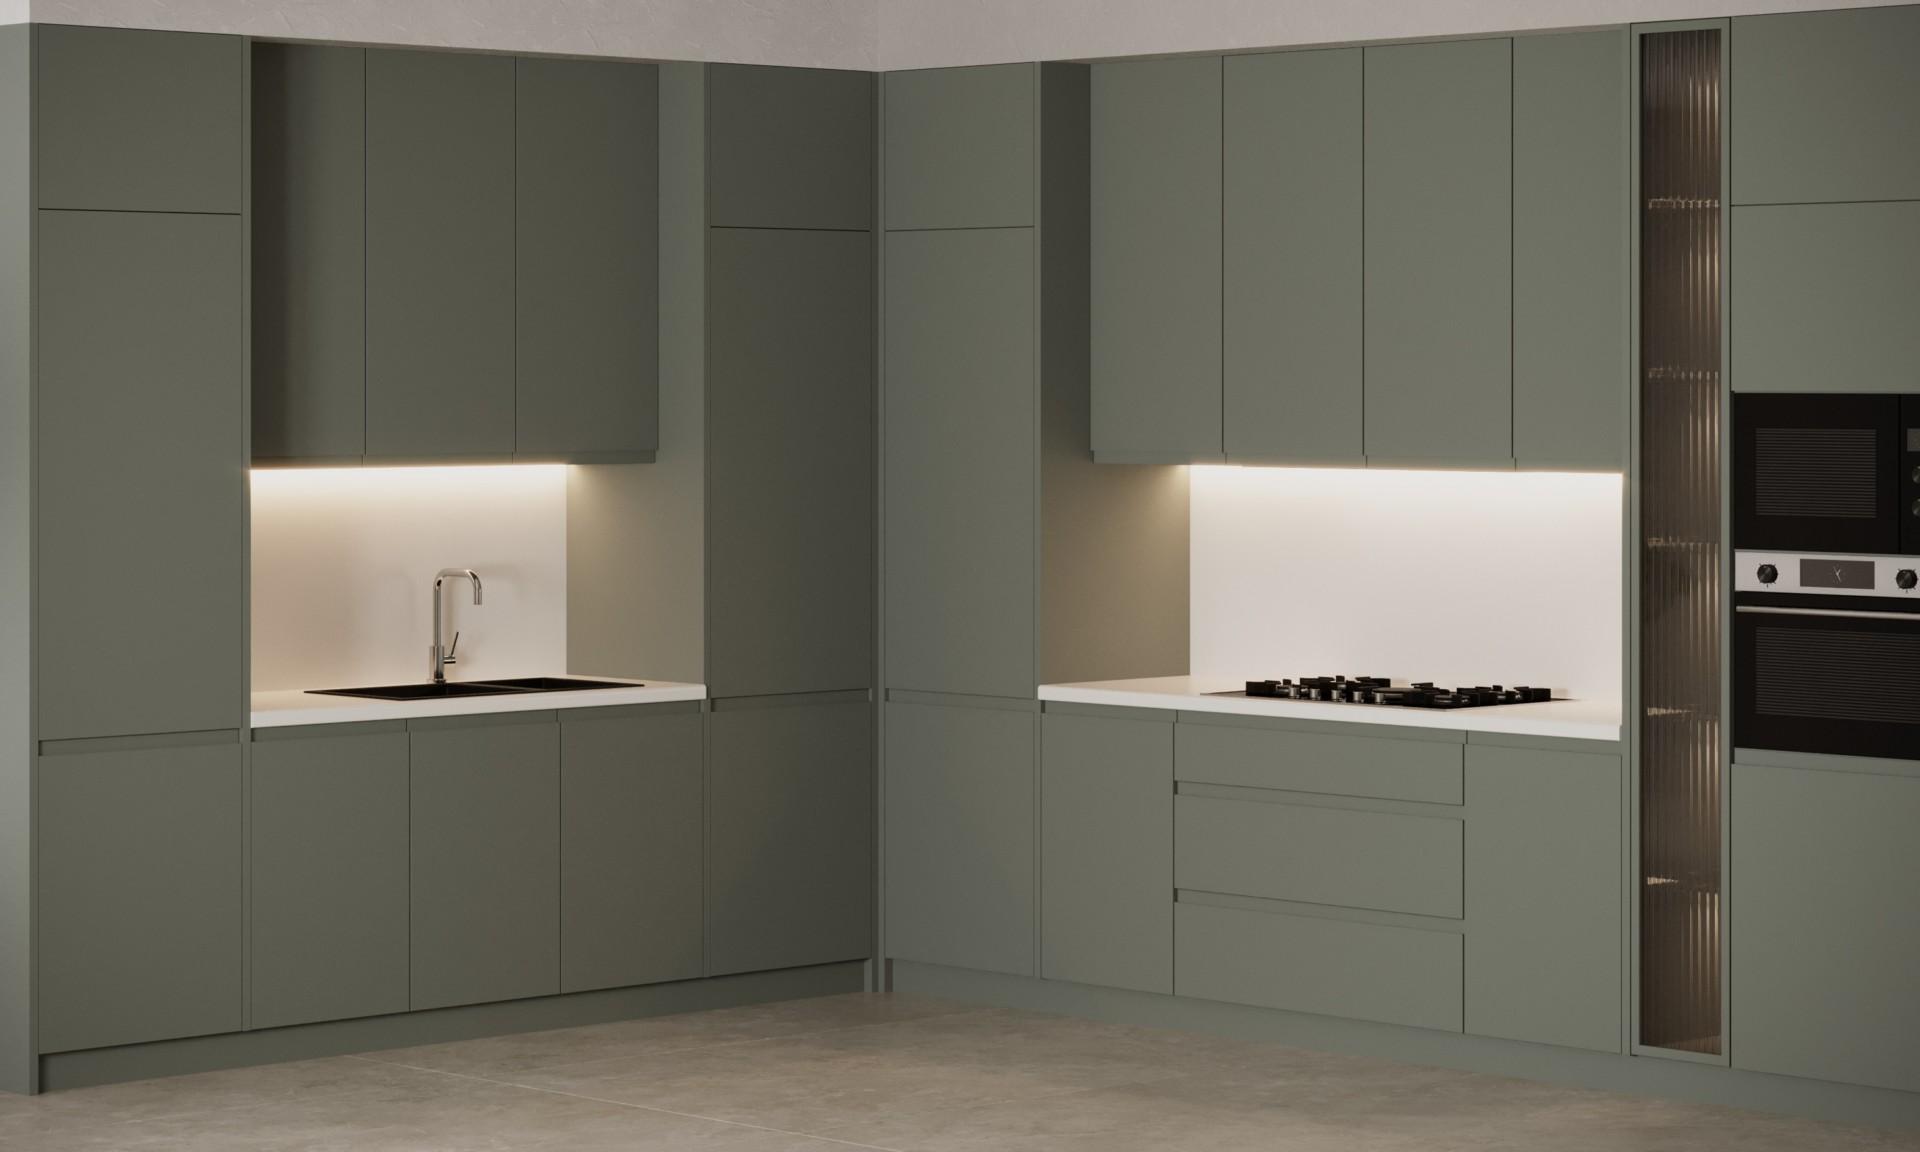 Кухня угловая «Шеки» с суперматовыми фасадами серого цвета